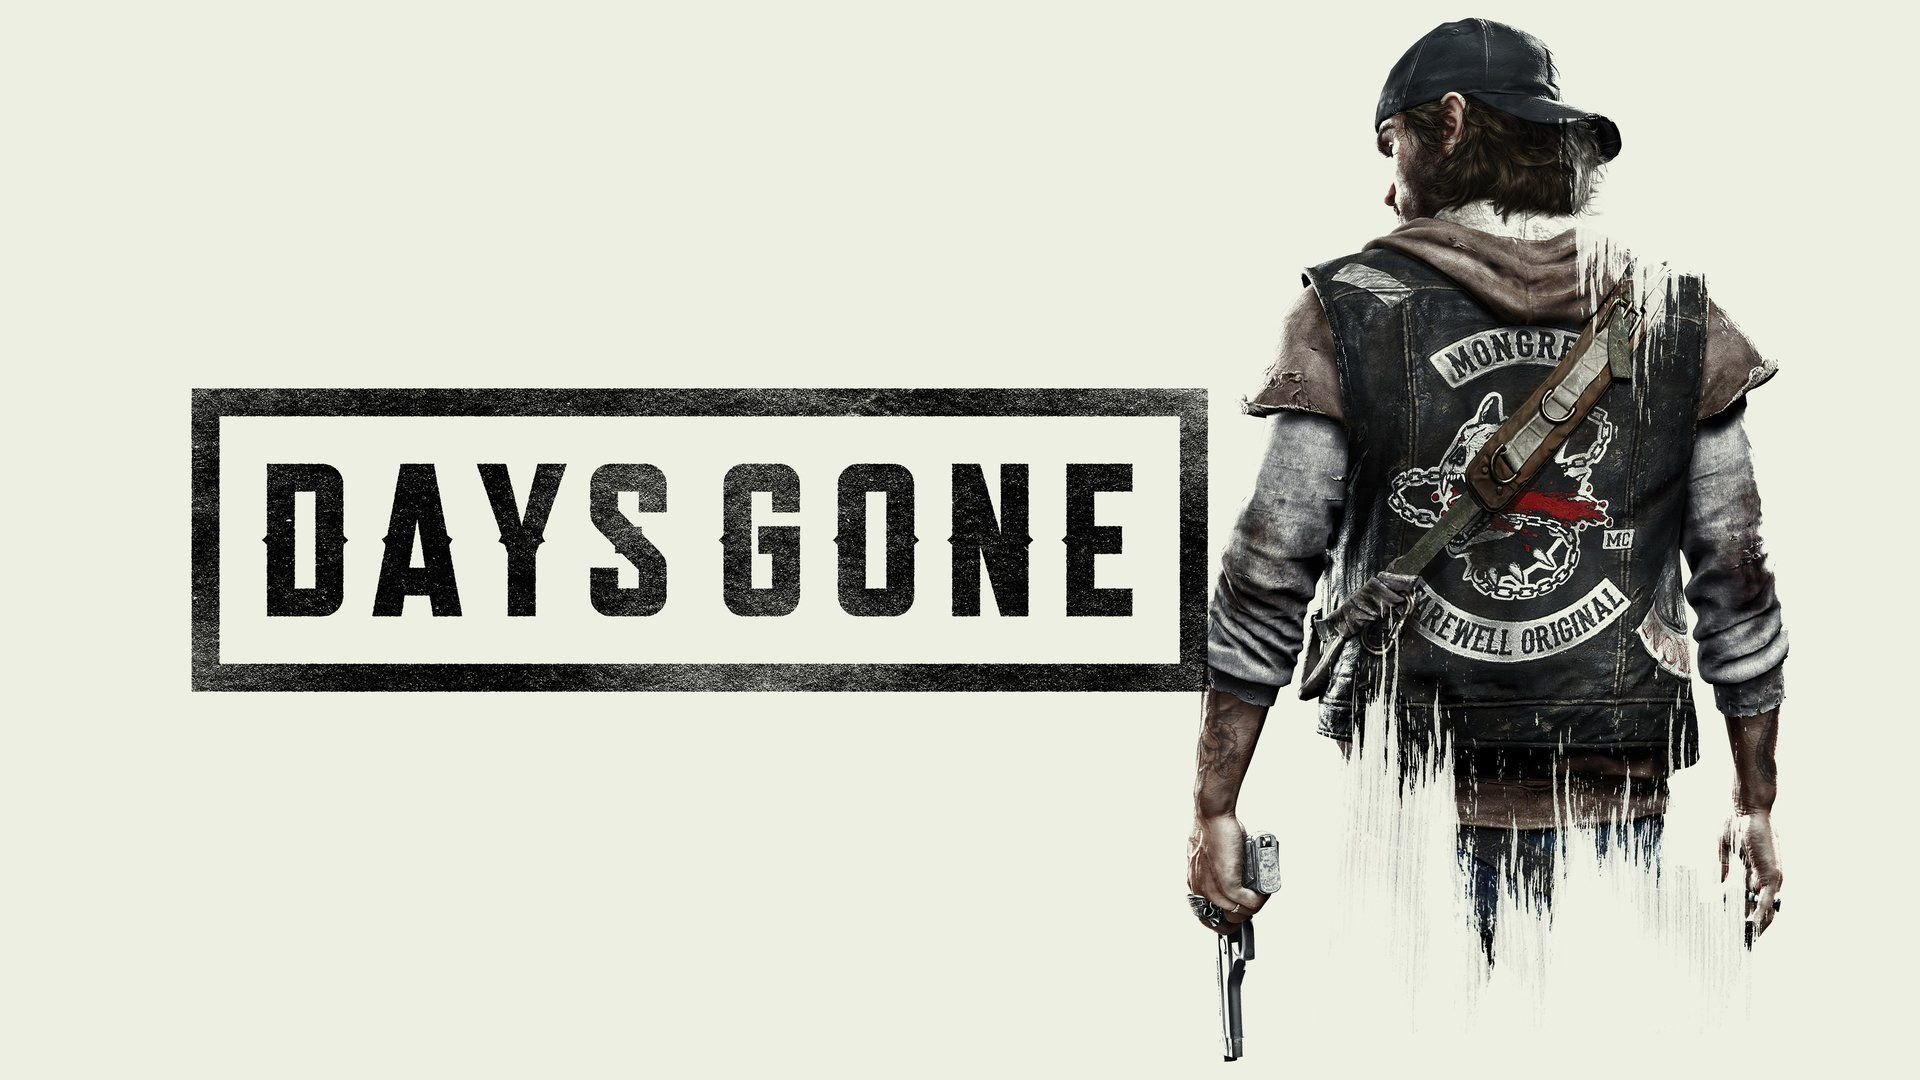 Alguns usuários com PS Plus descobriram uma forma de jogar Days Gone de graça no PlayStation 4, infelizmente o truque não é fácil.